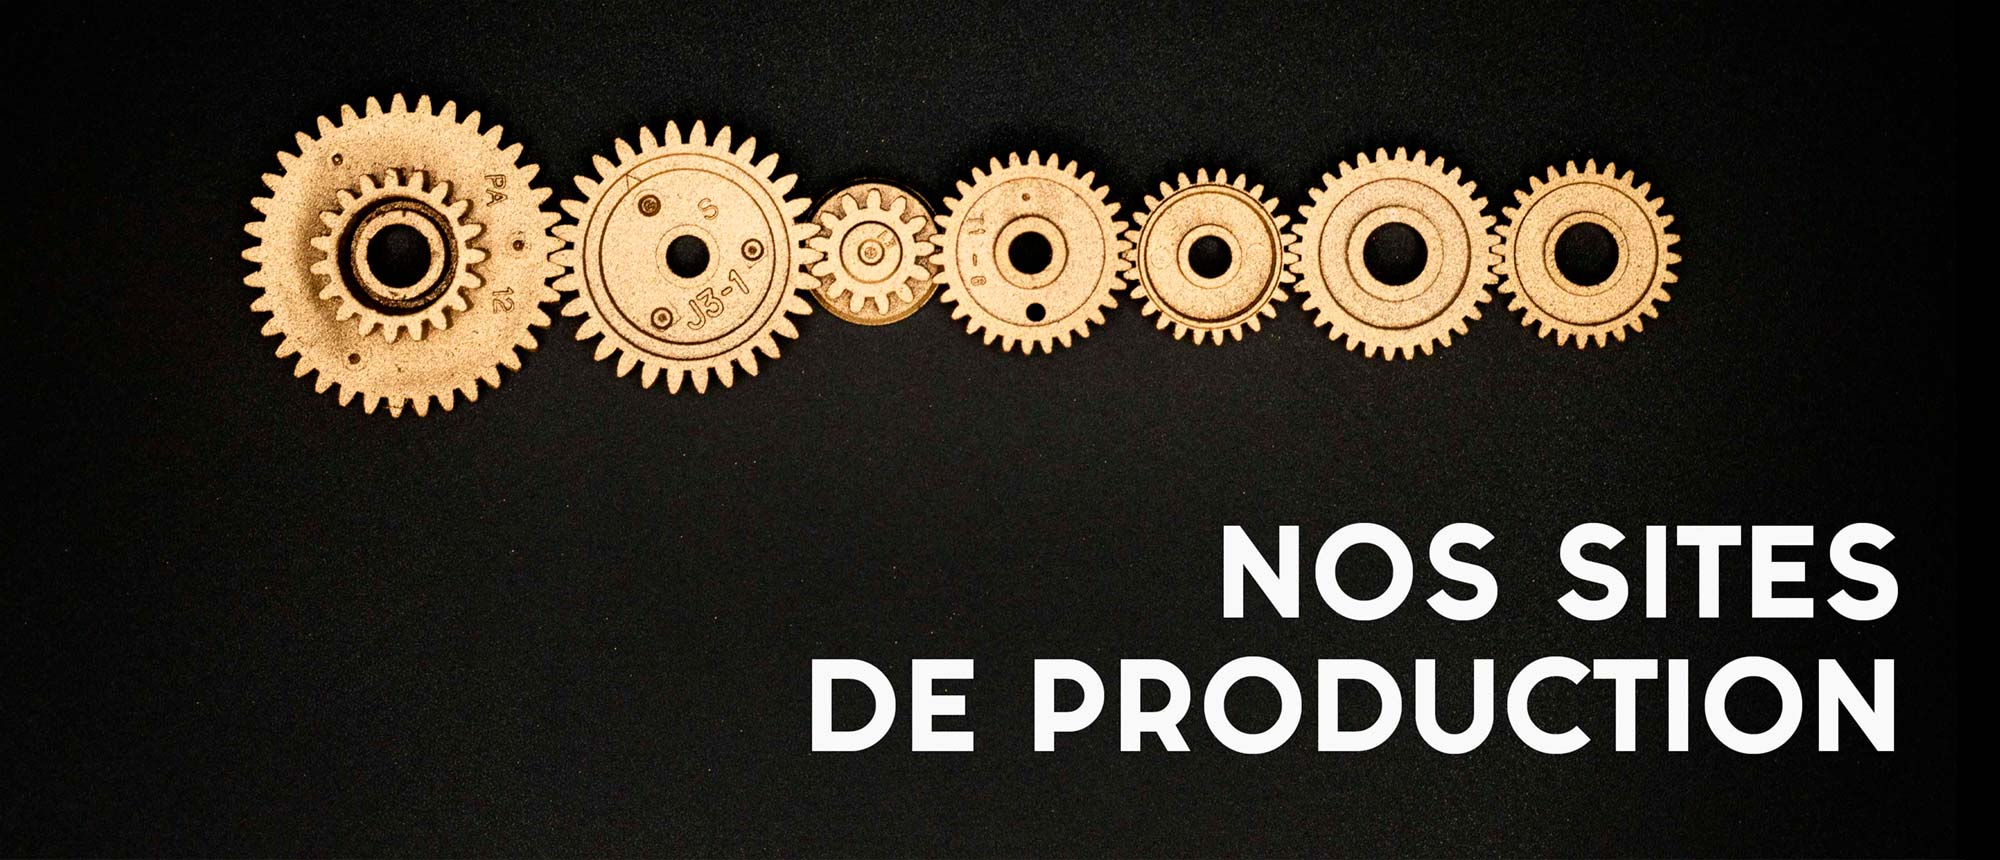 Proxis-Developpement-groupe-industriel-francais-nadeau-implantation-slider-FR